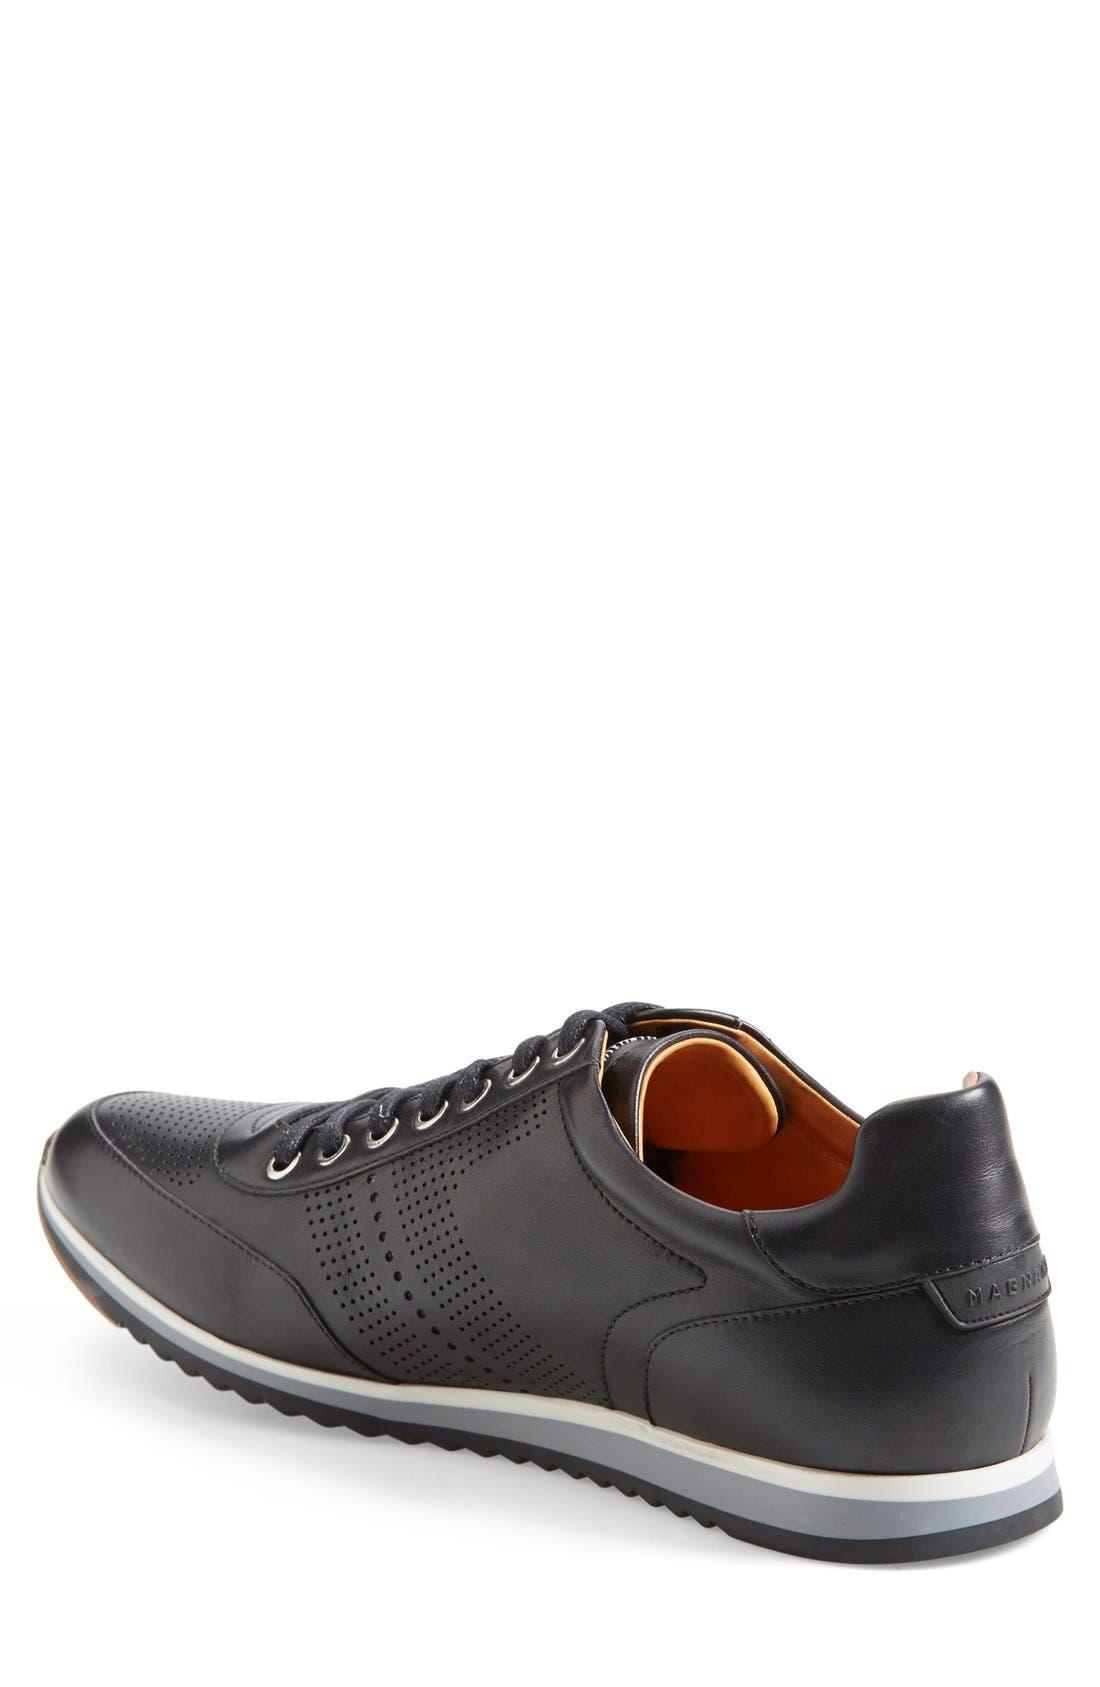 Alternate Image 2  - Magnanni 'Pueblo' Sneaker (Men)